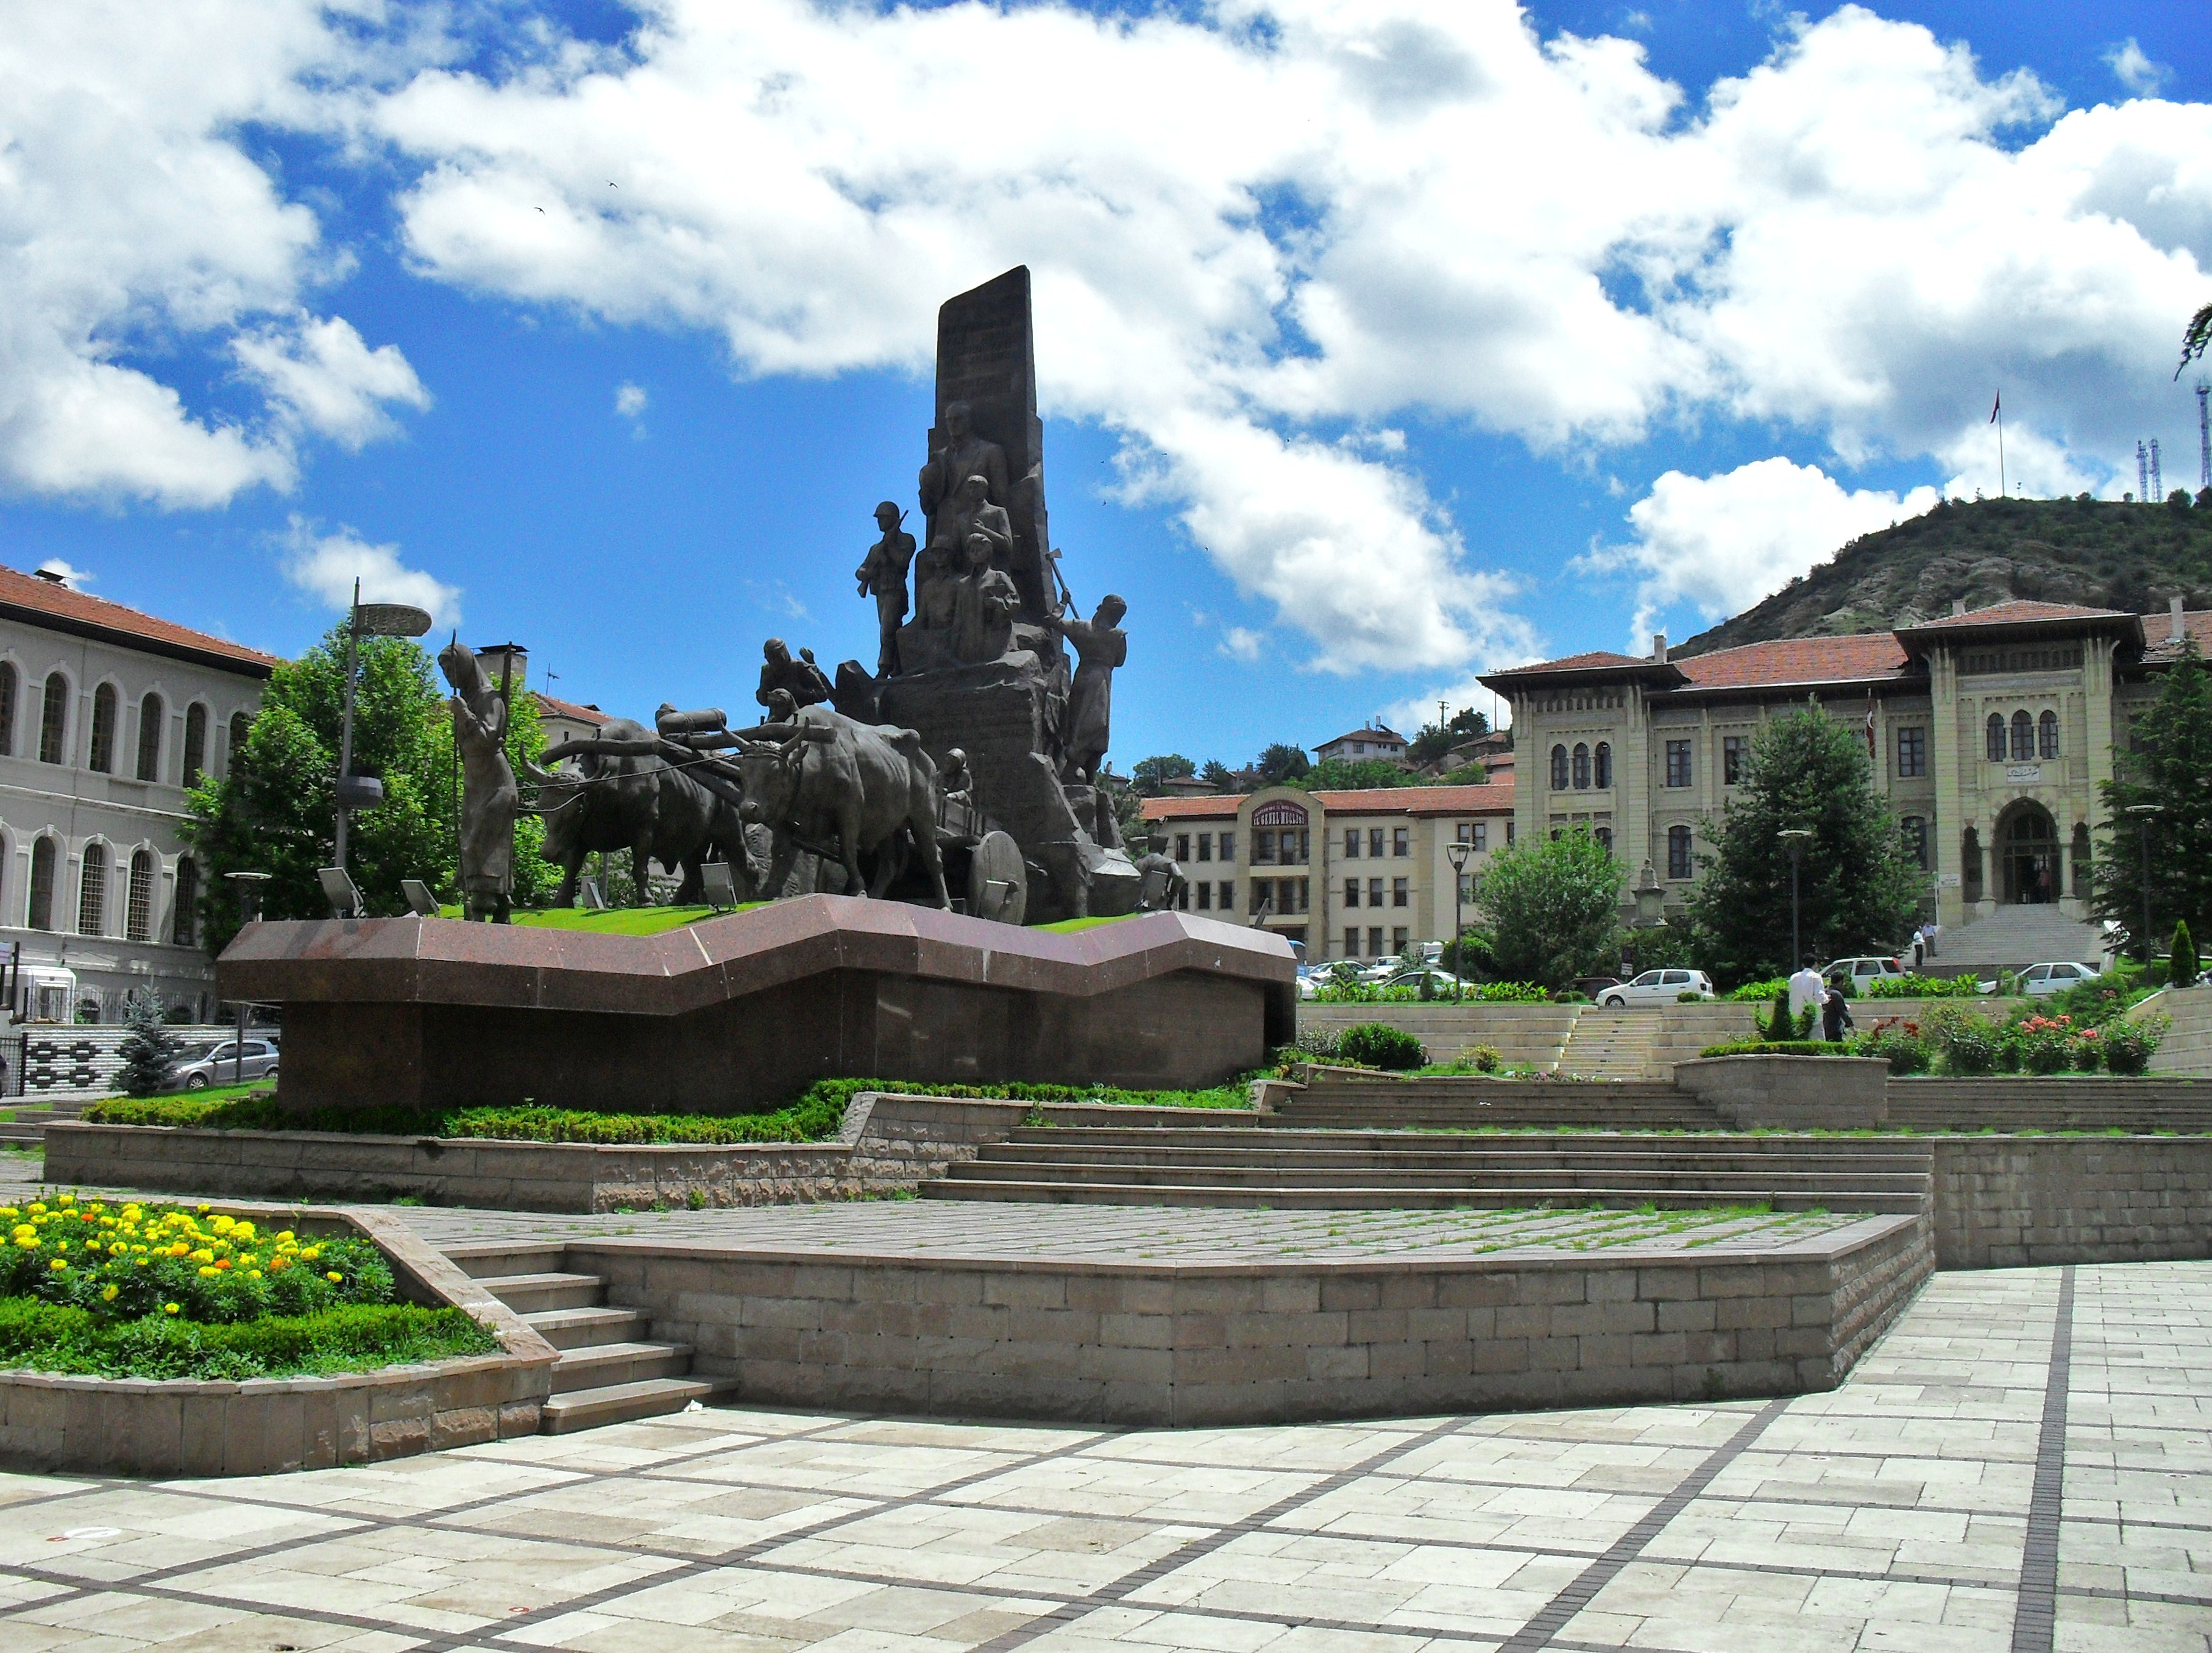 File:Kastamonu Cumhuriyet Meydanı Anıt.JPG - Wikimedia Commons